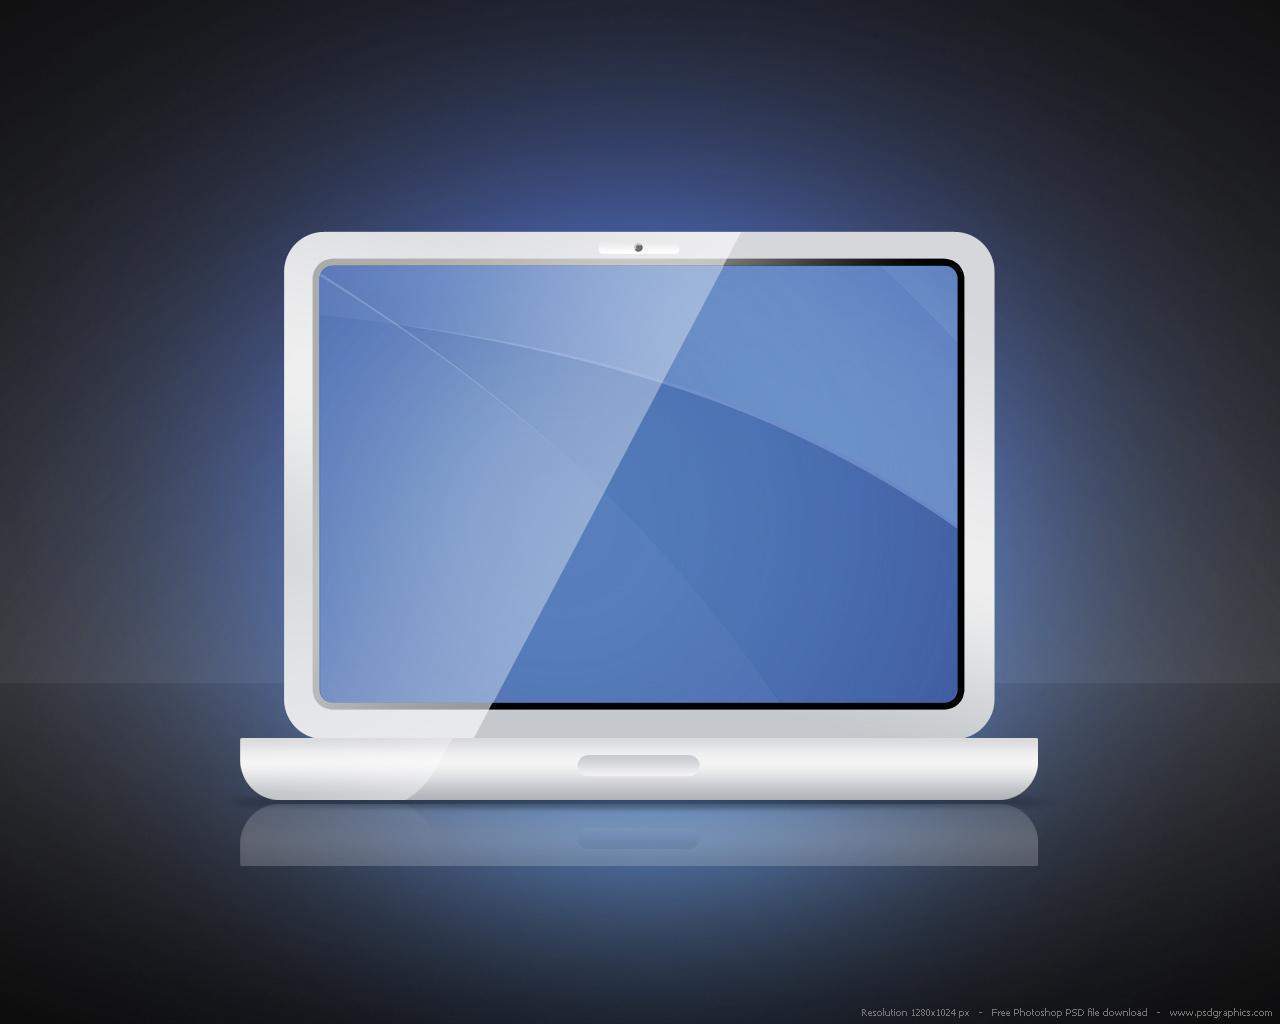 18 Laptop PSD Logos Images